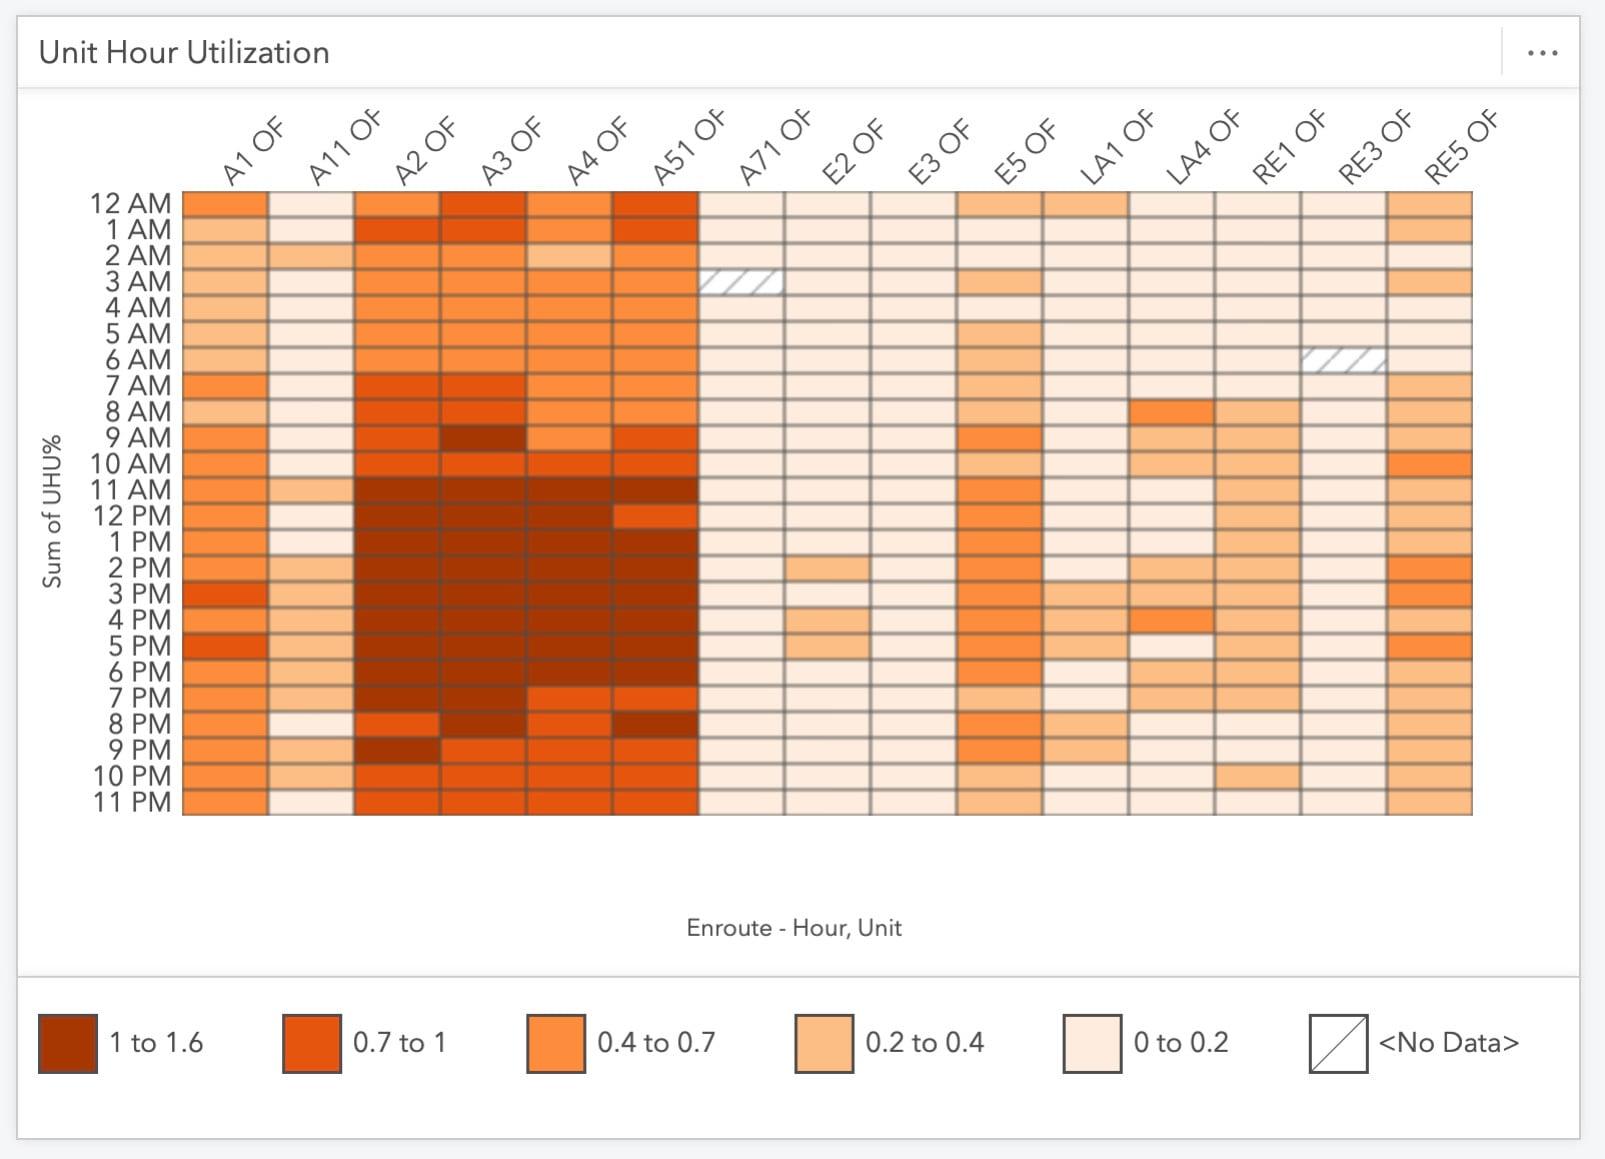 Unit hour utilization heat chart.